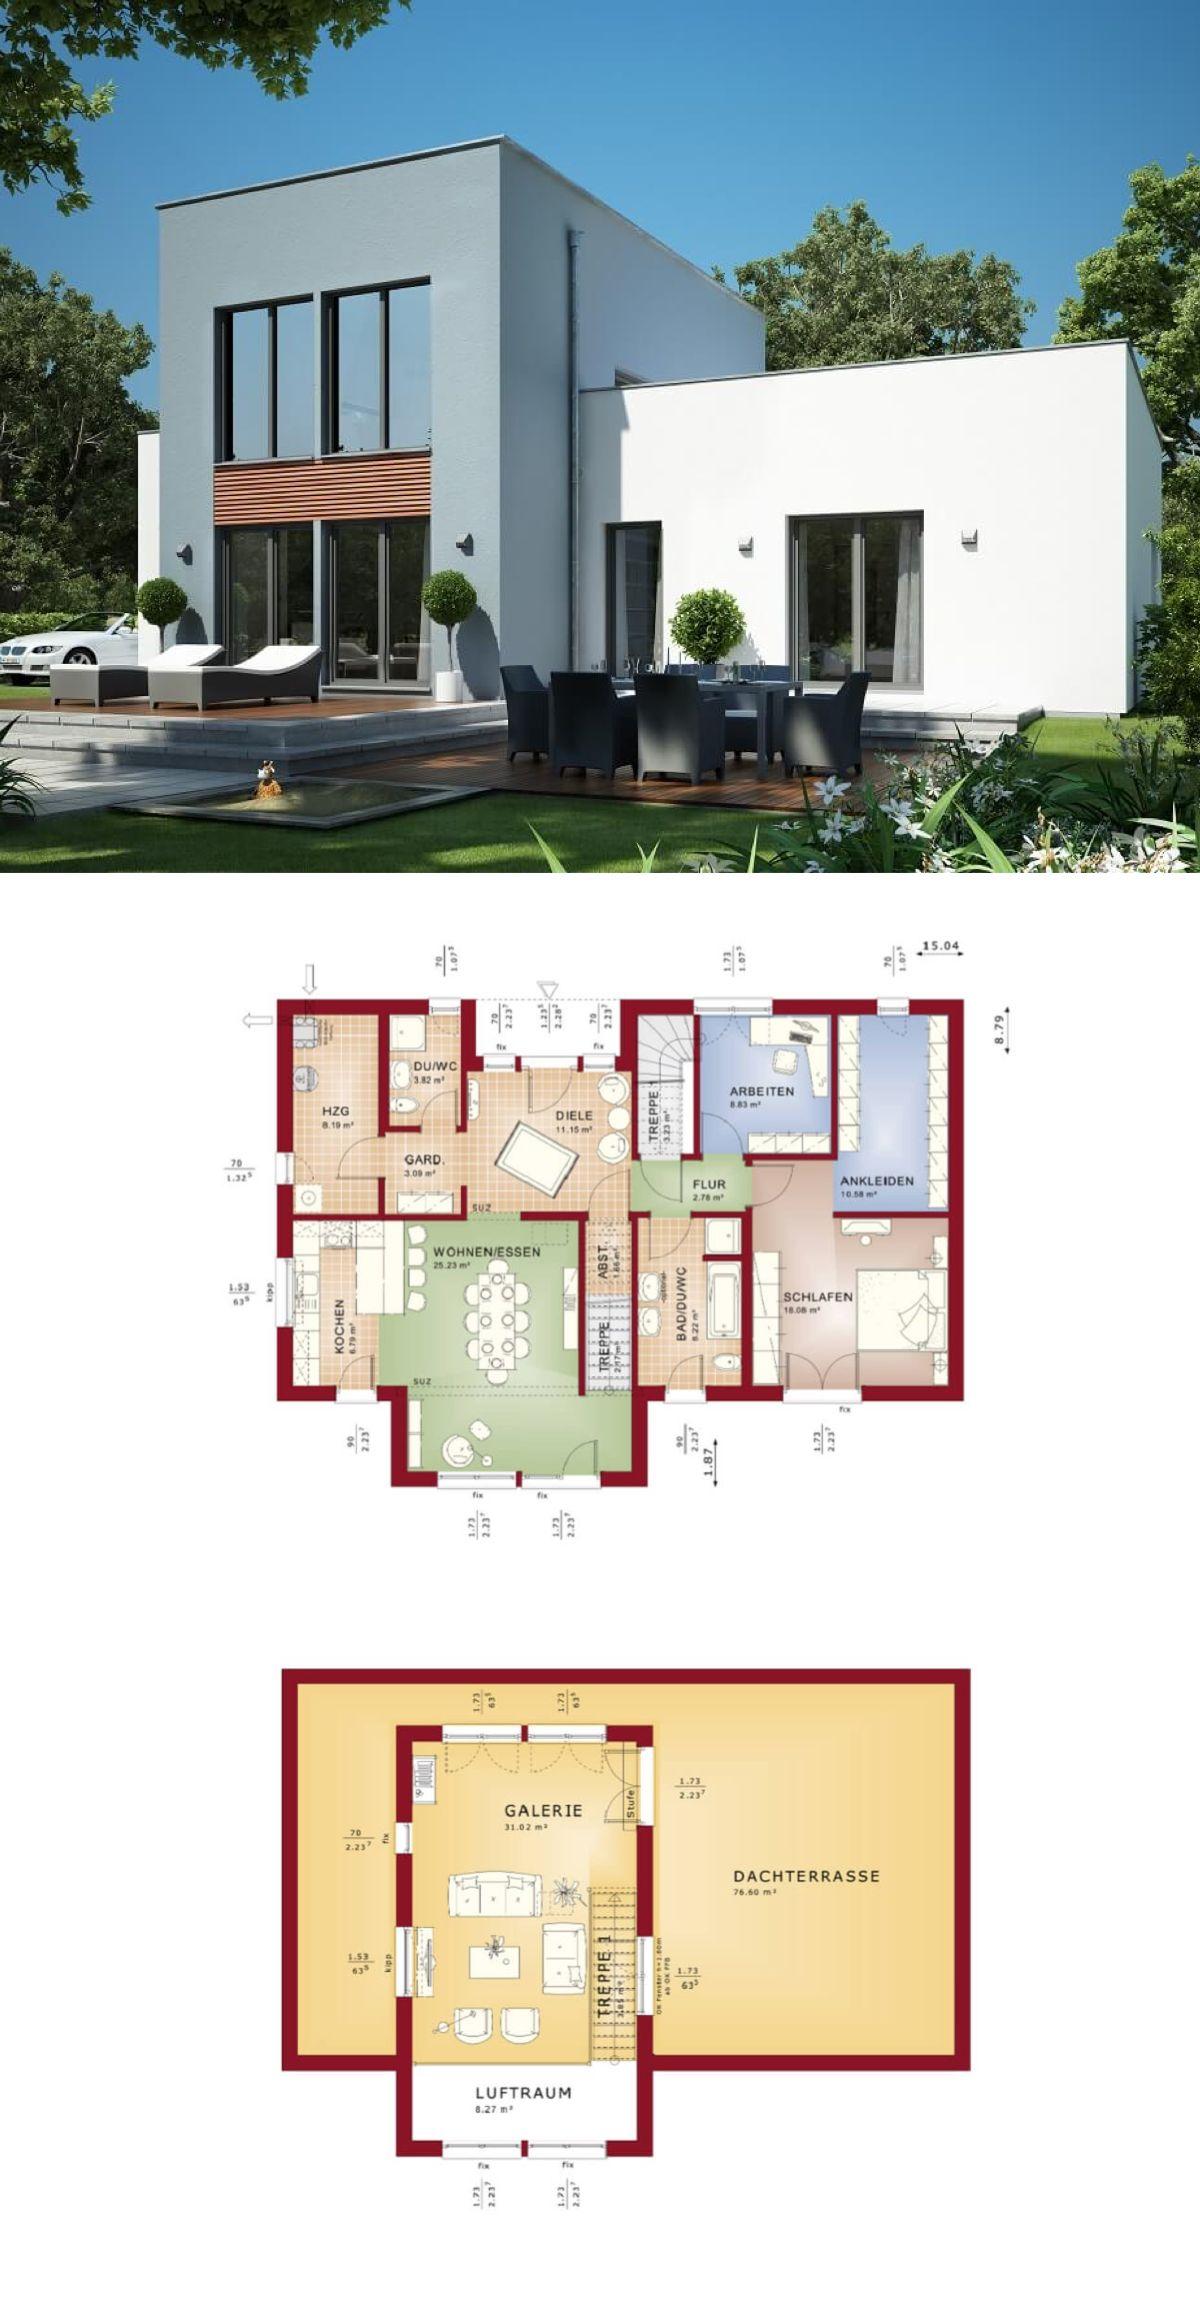 Sympathisch Dachterrasse Auf Flachdach Bauen Ideen Von Modernes Stil | Evolution 111 V5 Bien